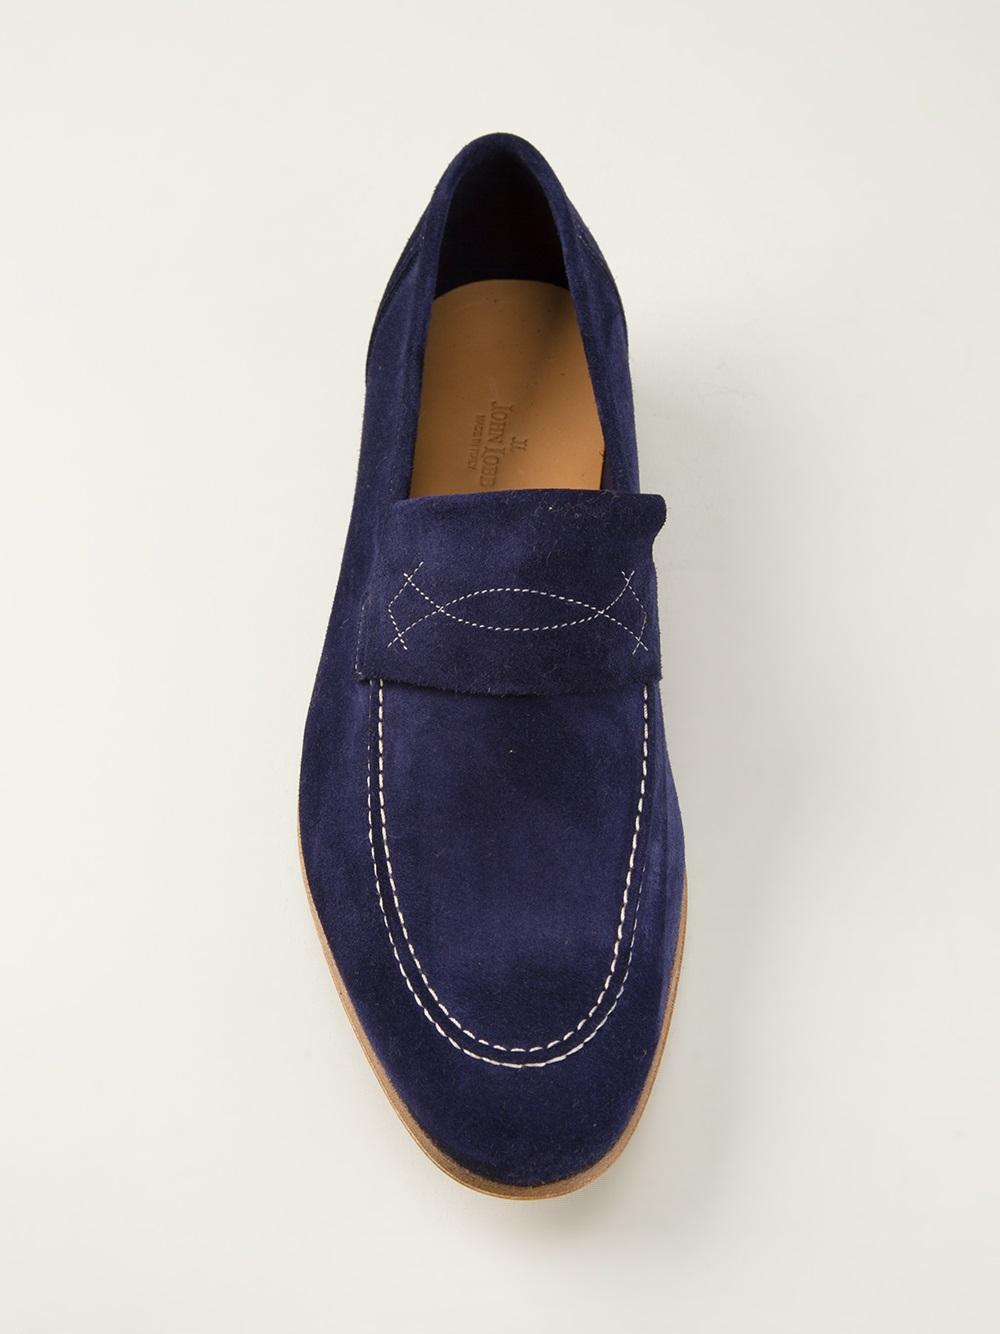 John Lobb Shoes >> Lyst - John Lobb 'yardley' Loafer in Blue for Men